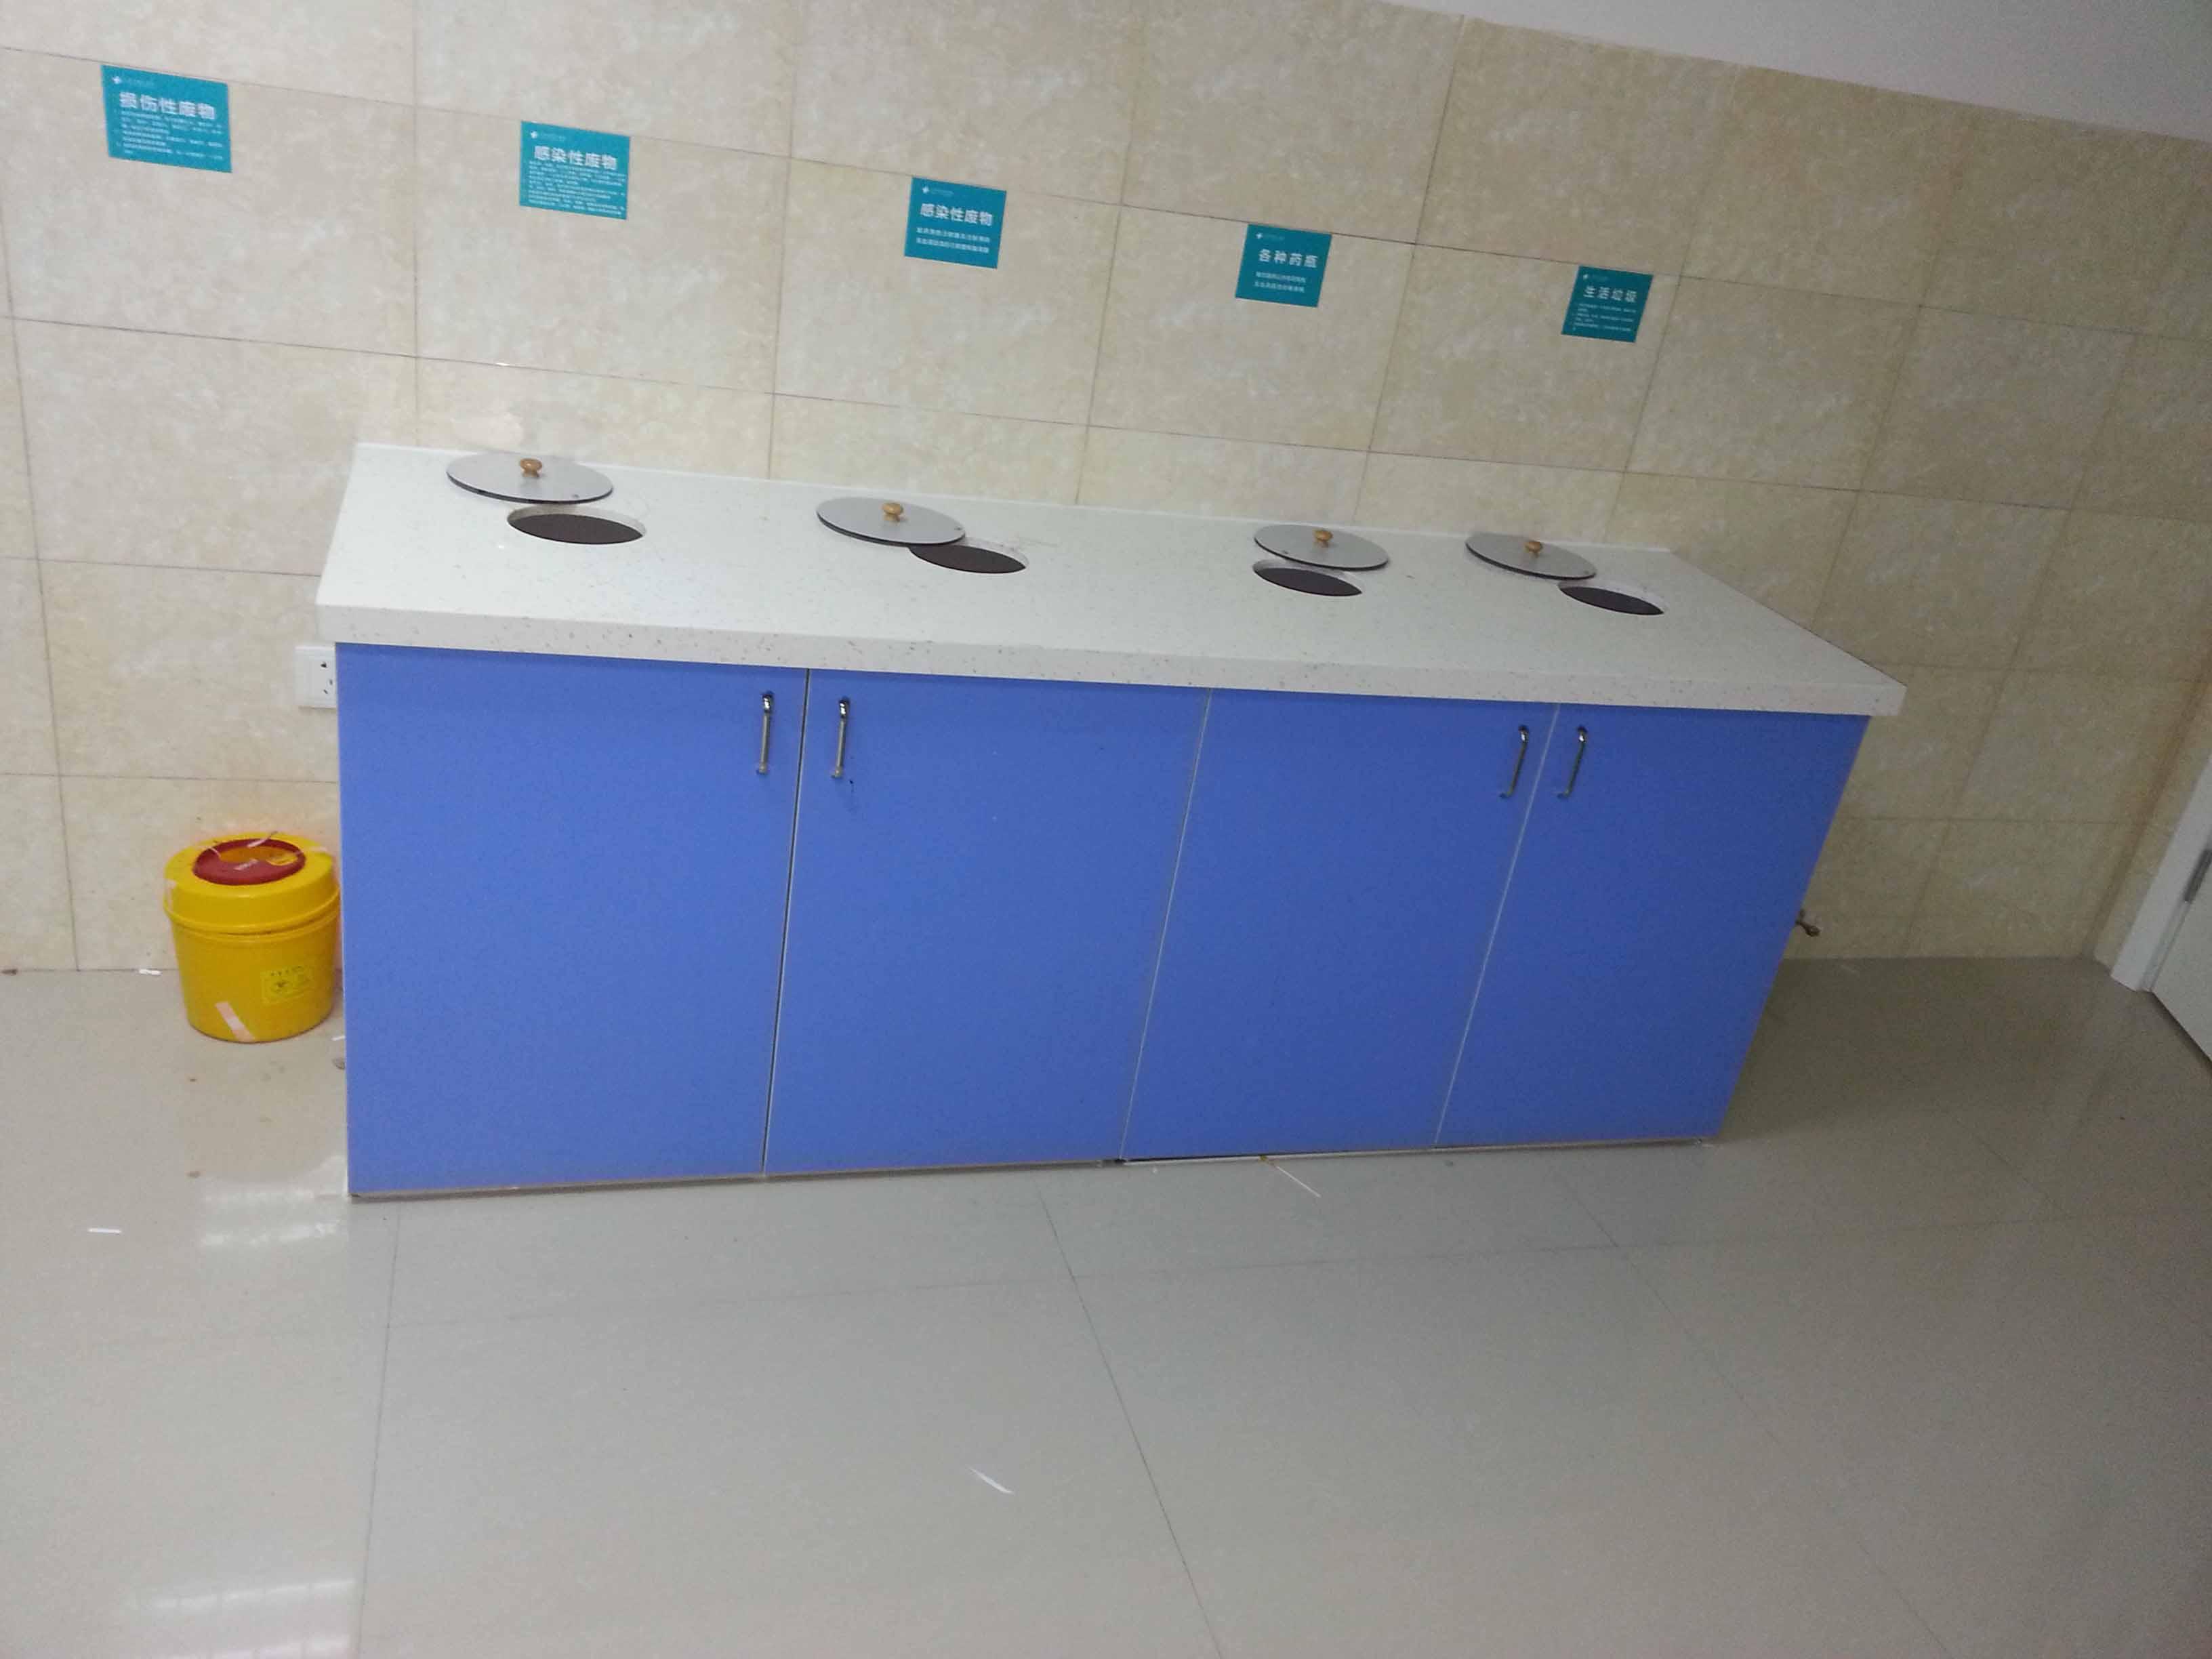 大量供應高質量的分類垃圾柜,優質分類垃圾柜廠家